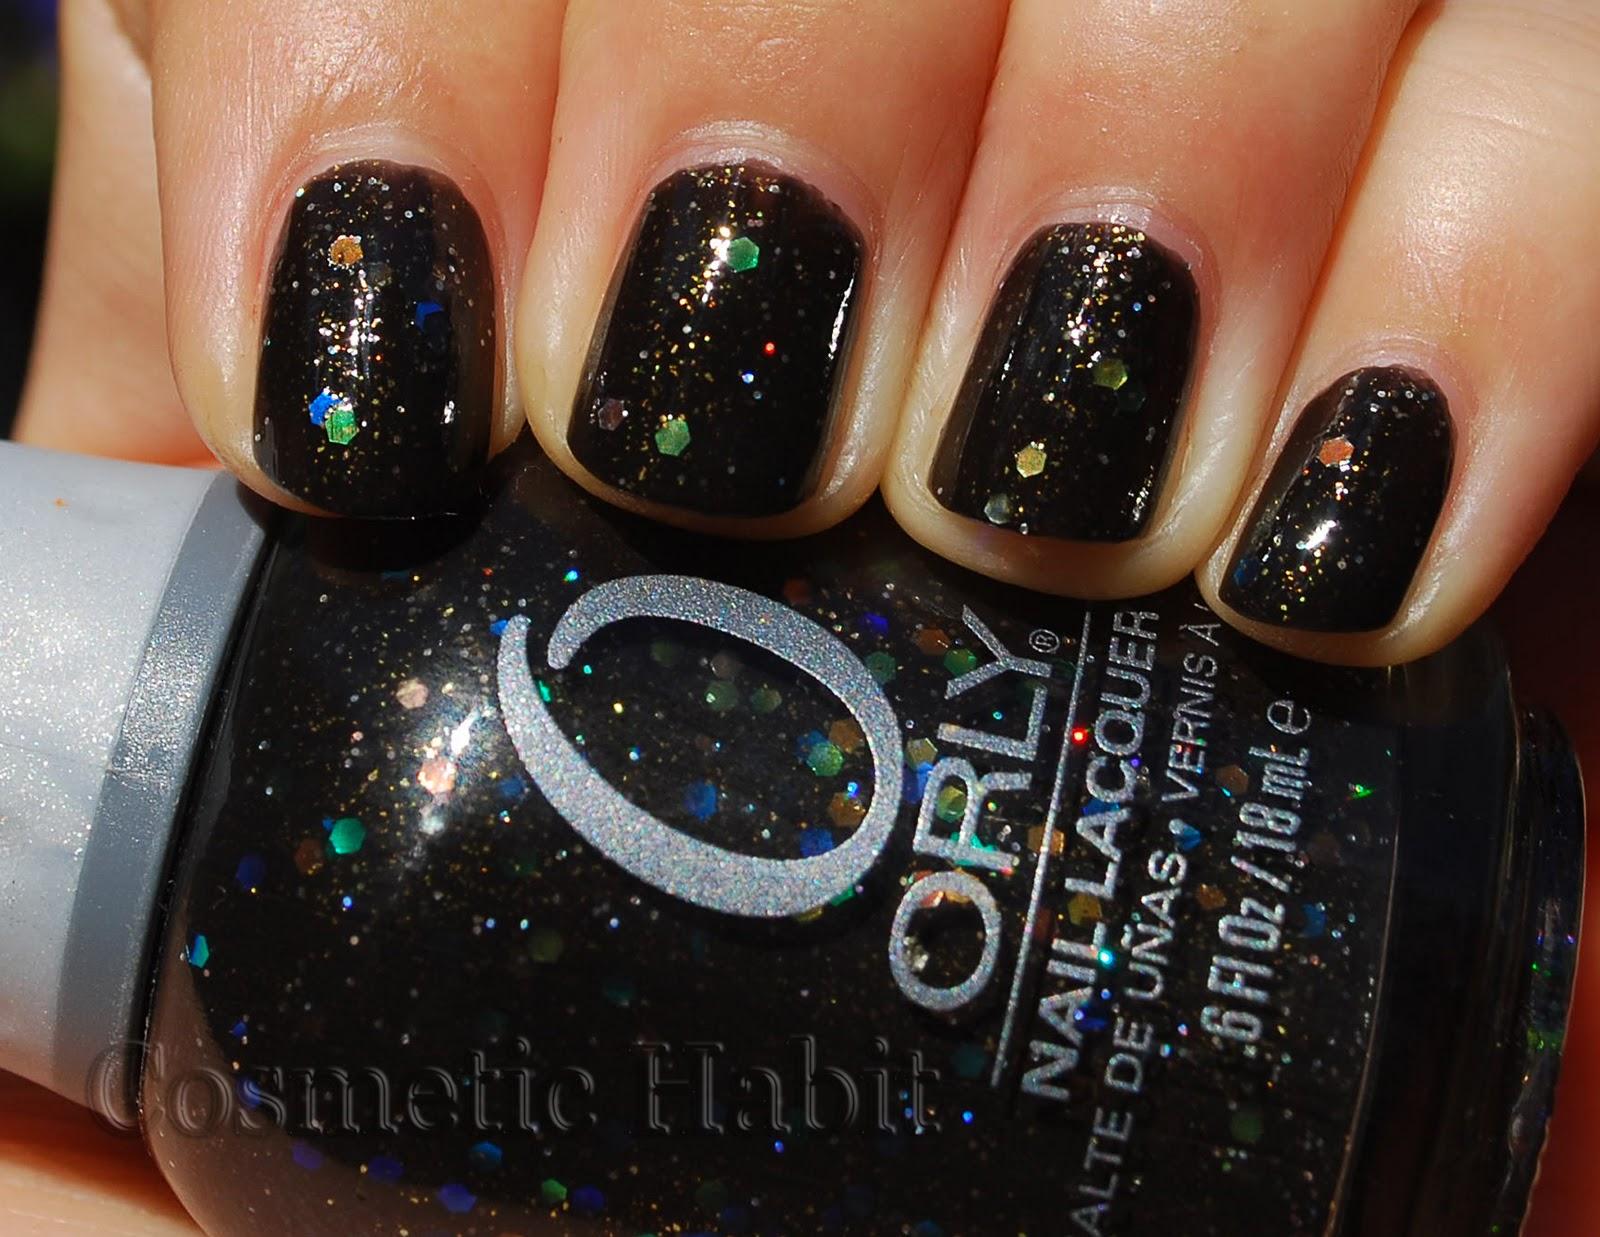 http://3.bp.blogspot.com/-uELcor2DN-M/TvD0D_FACDI/AAAAAAAABKs/UiqqGkDlMXI/s1600/Orly-Androgynie-swatch-2.jpg